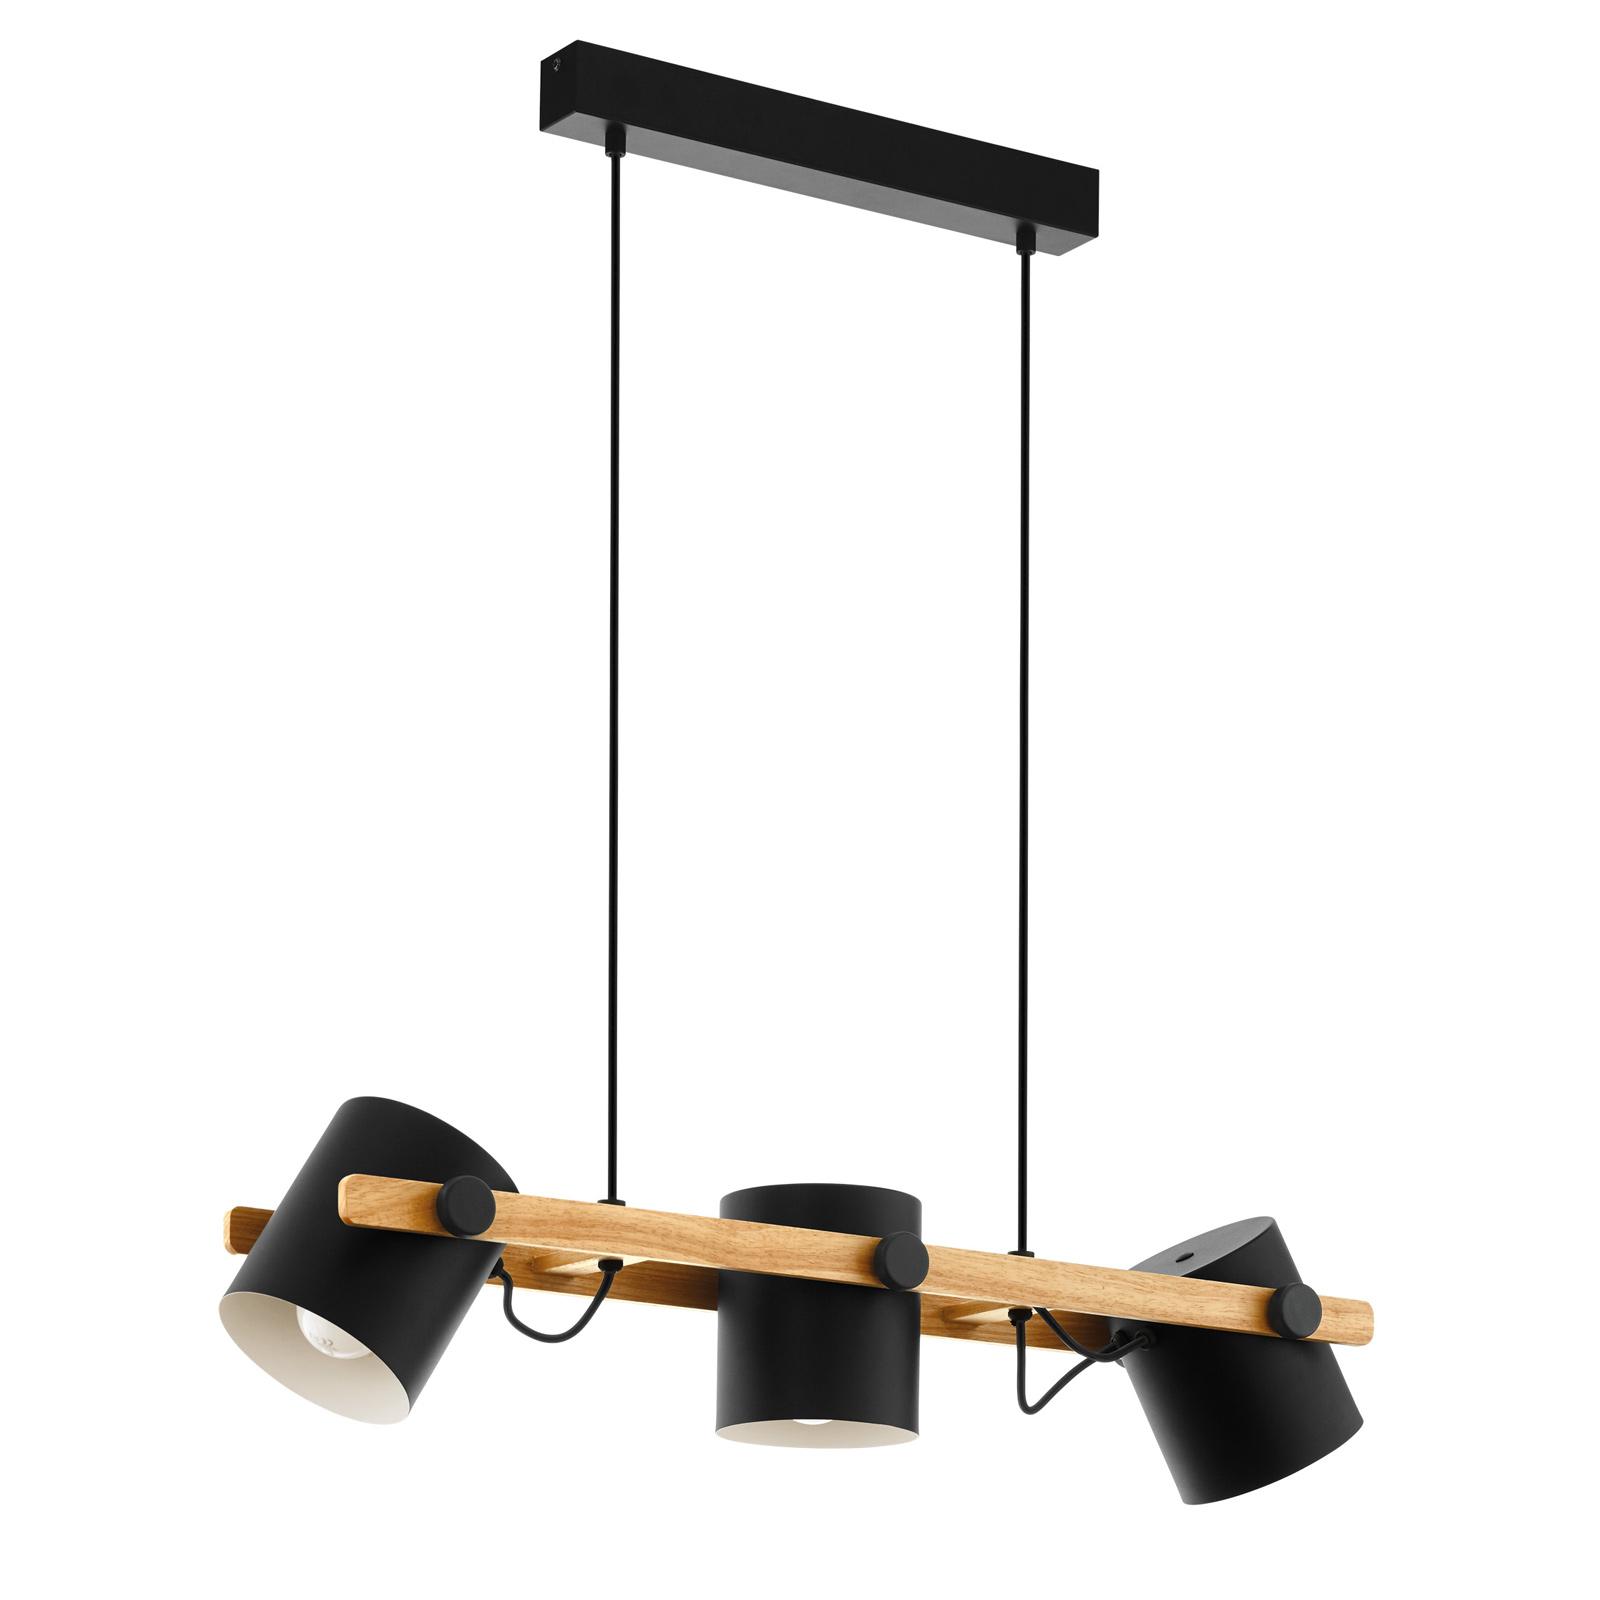 Lampada a sospensione Hornwood, elementi di legno